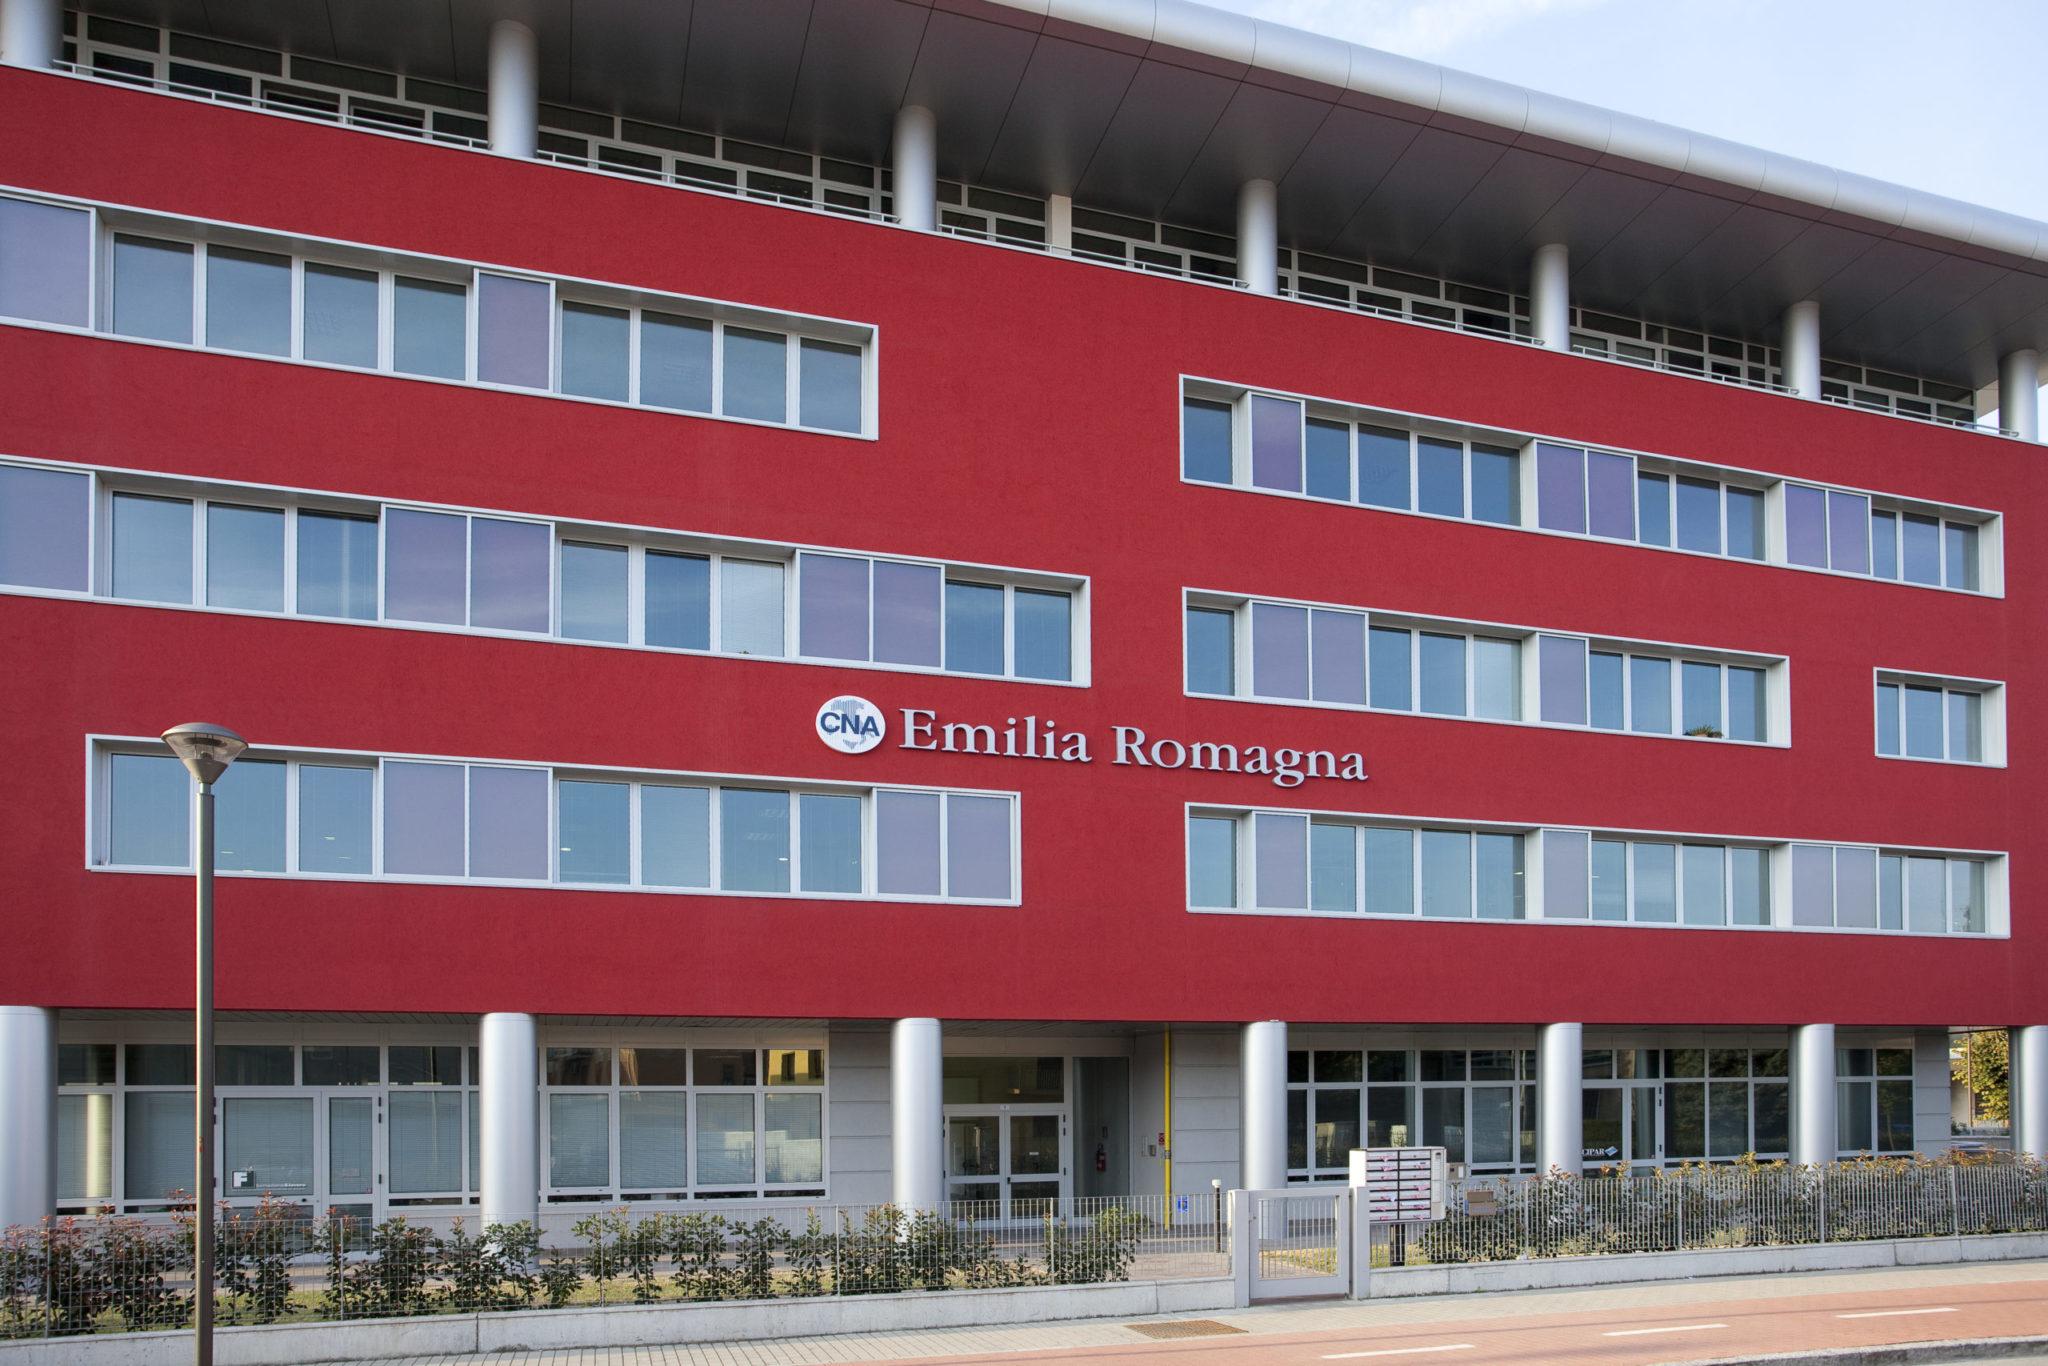 CNA Emilia Romagna sede